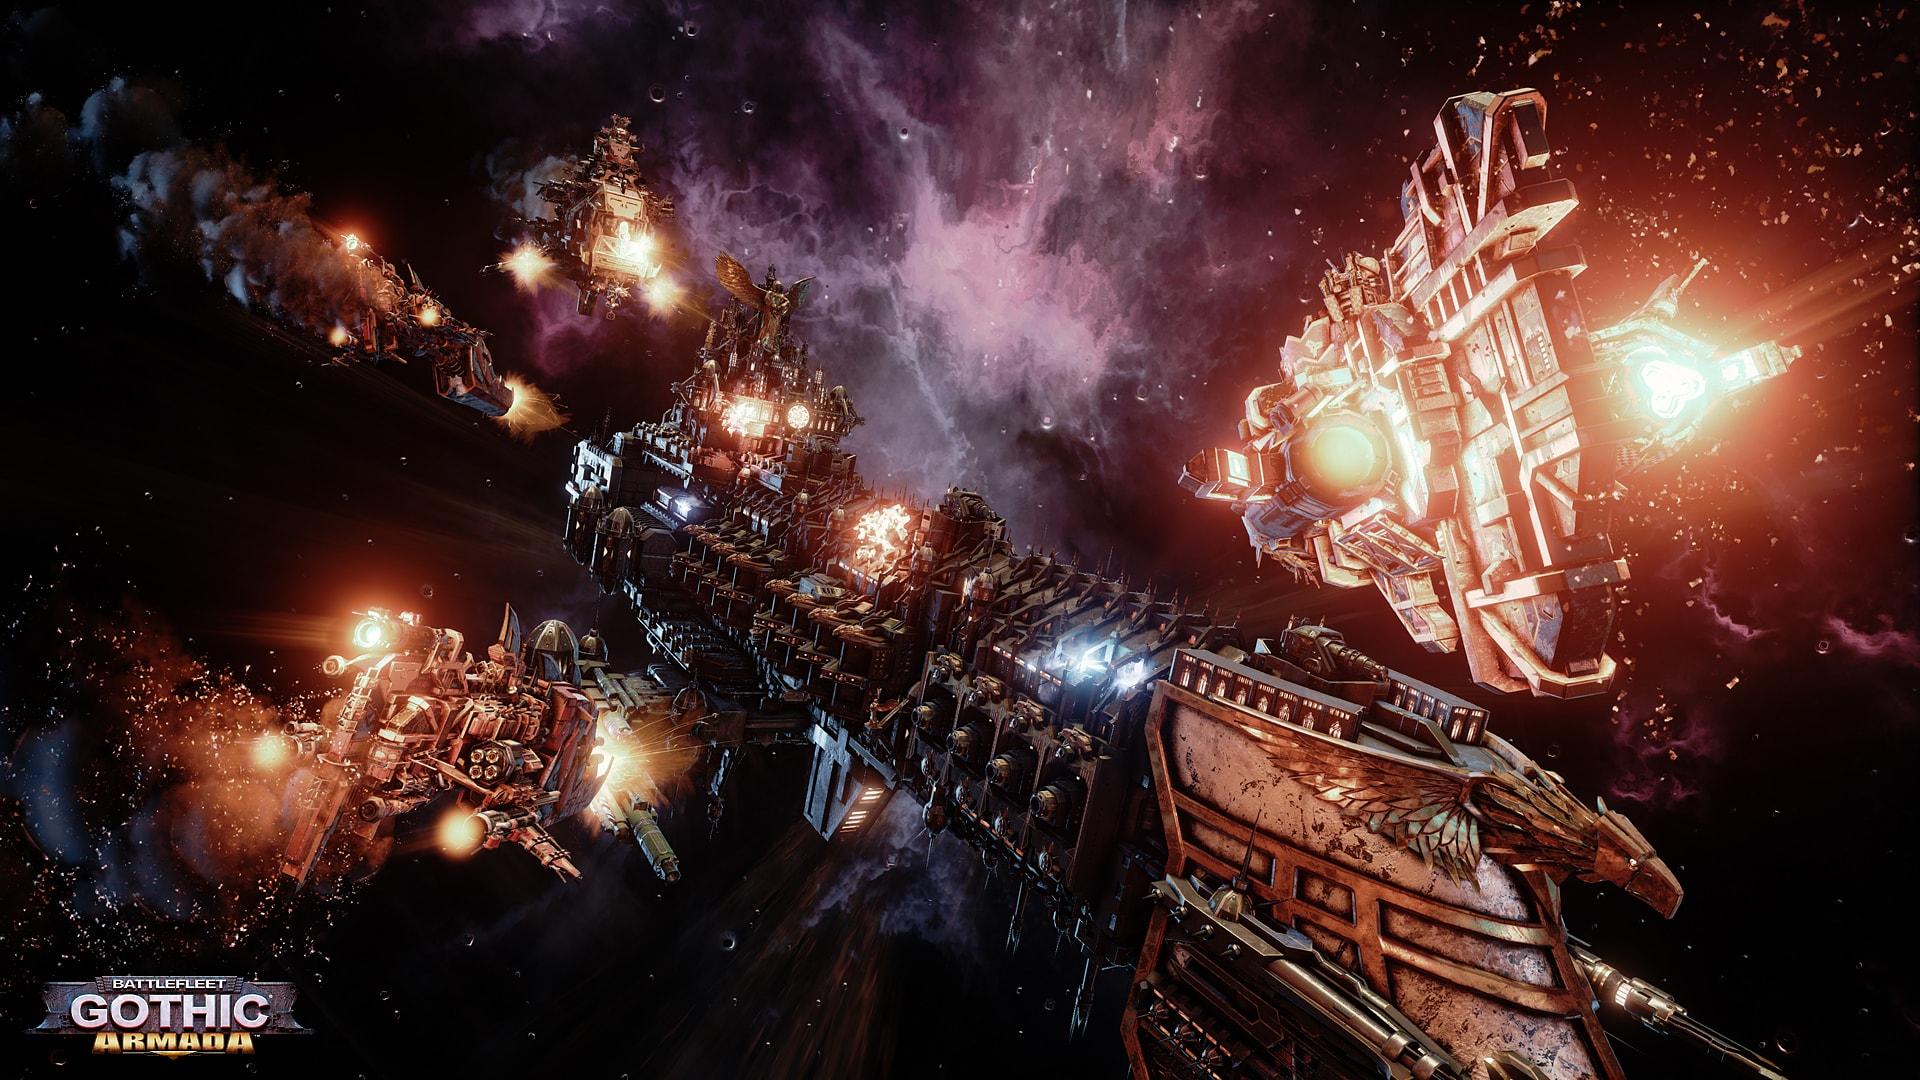 Battlefleet Gothic: Armada Background